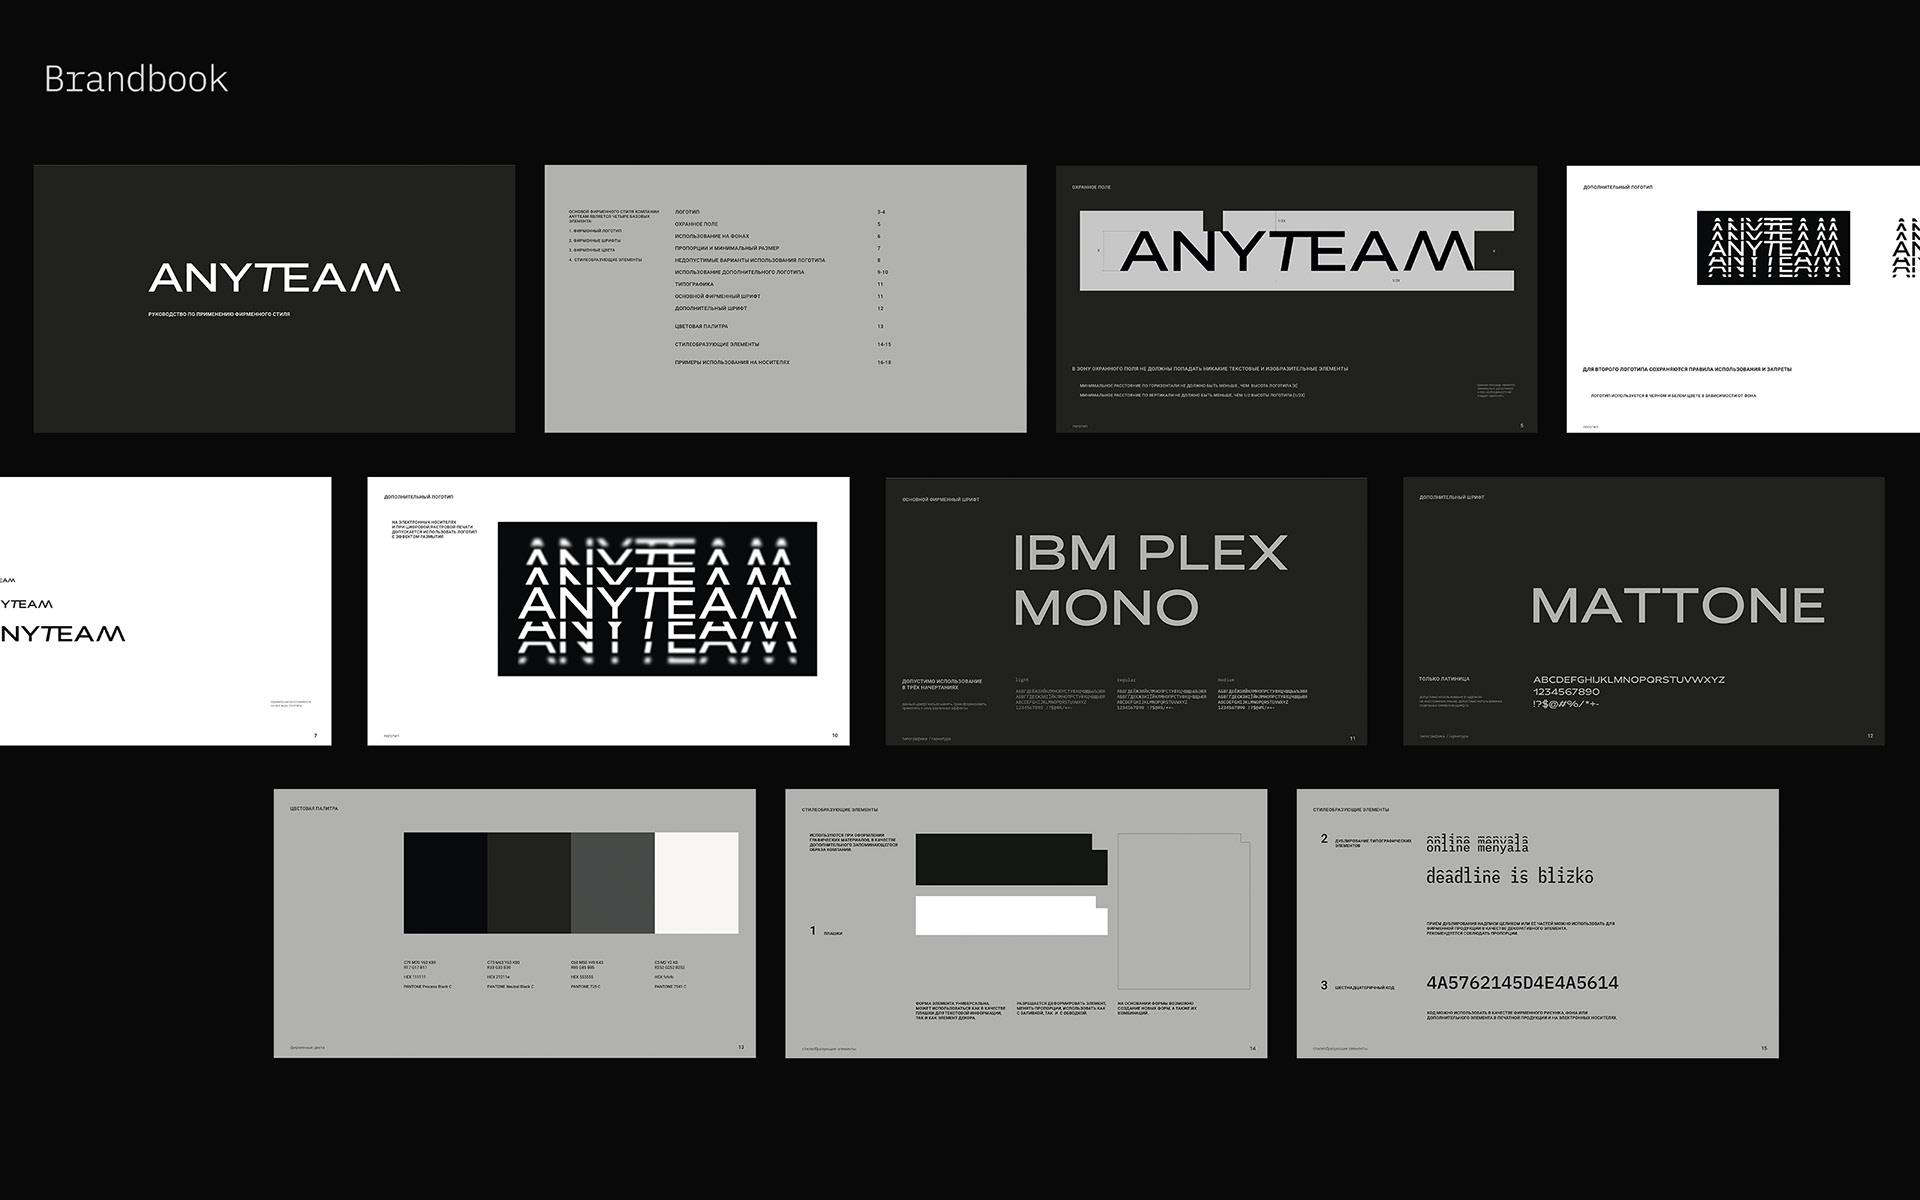 Anyteam Financial Company Brand Identity Design by Hot Büro